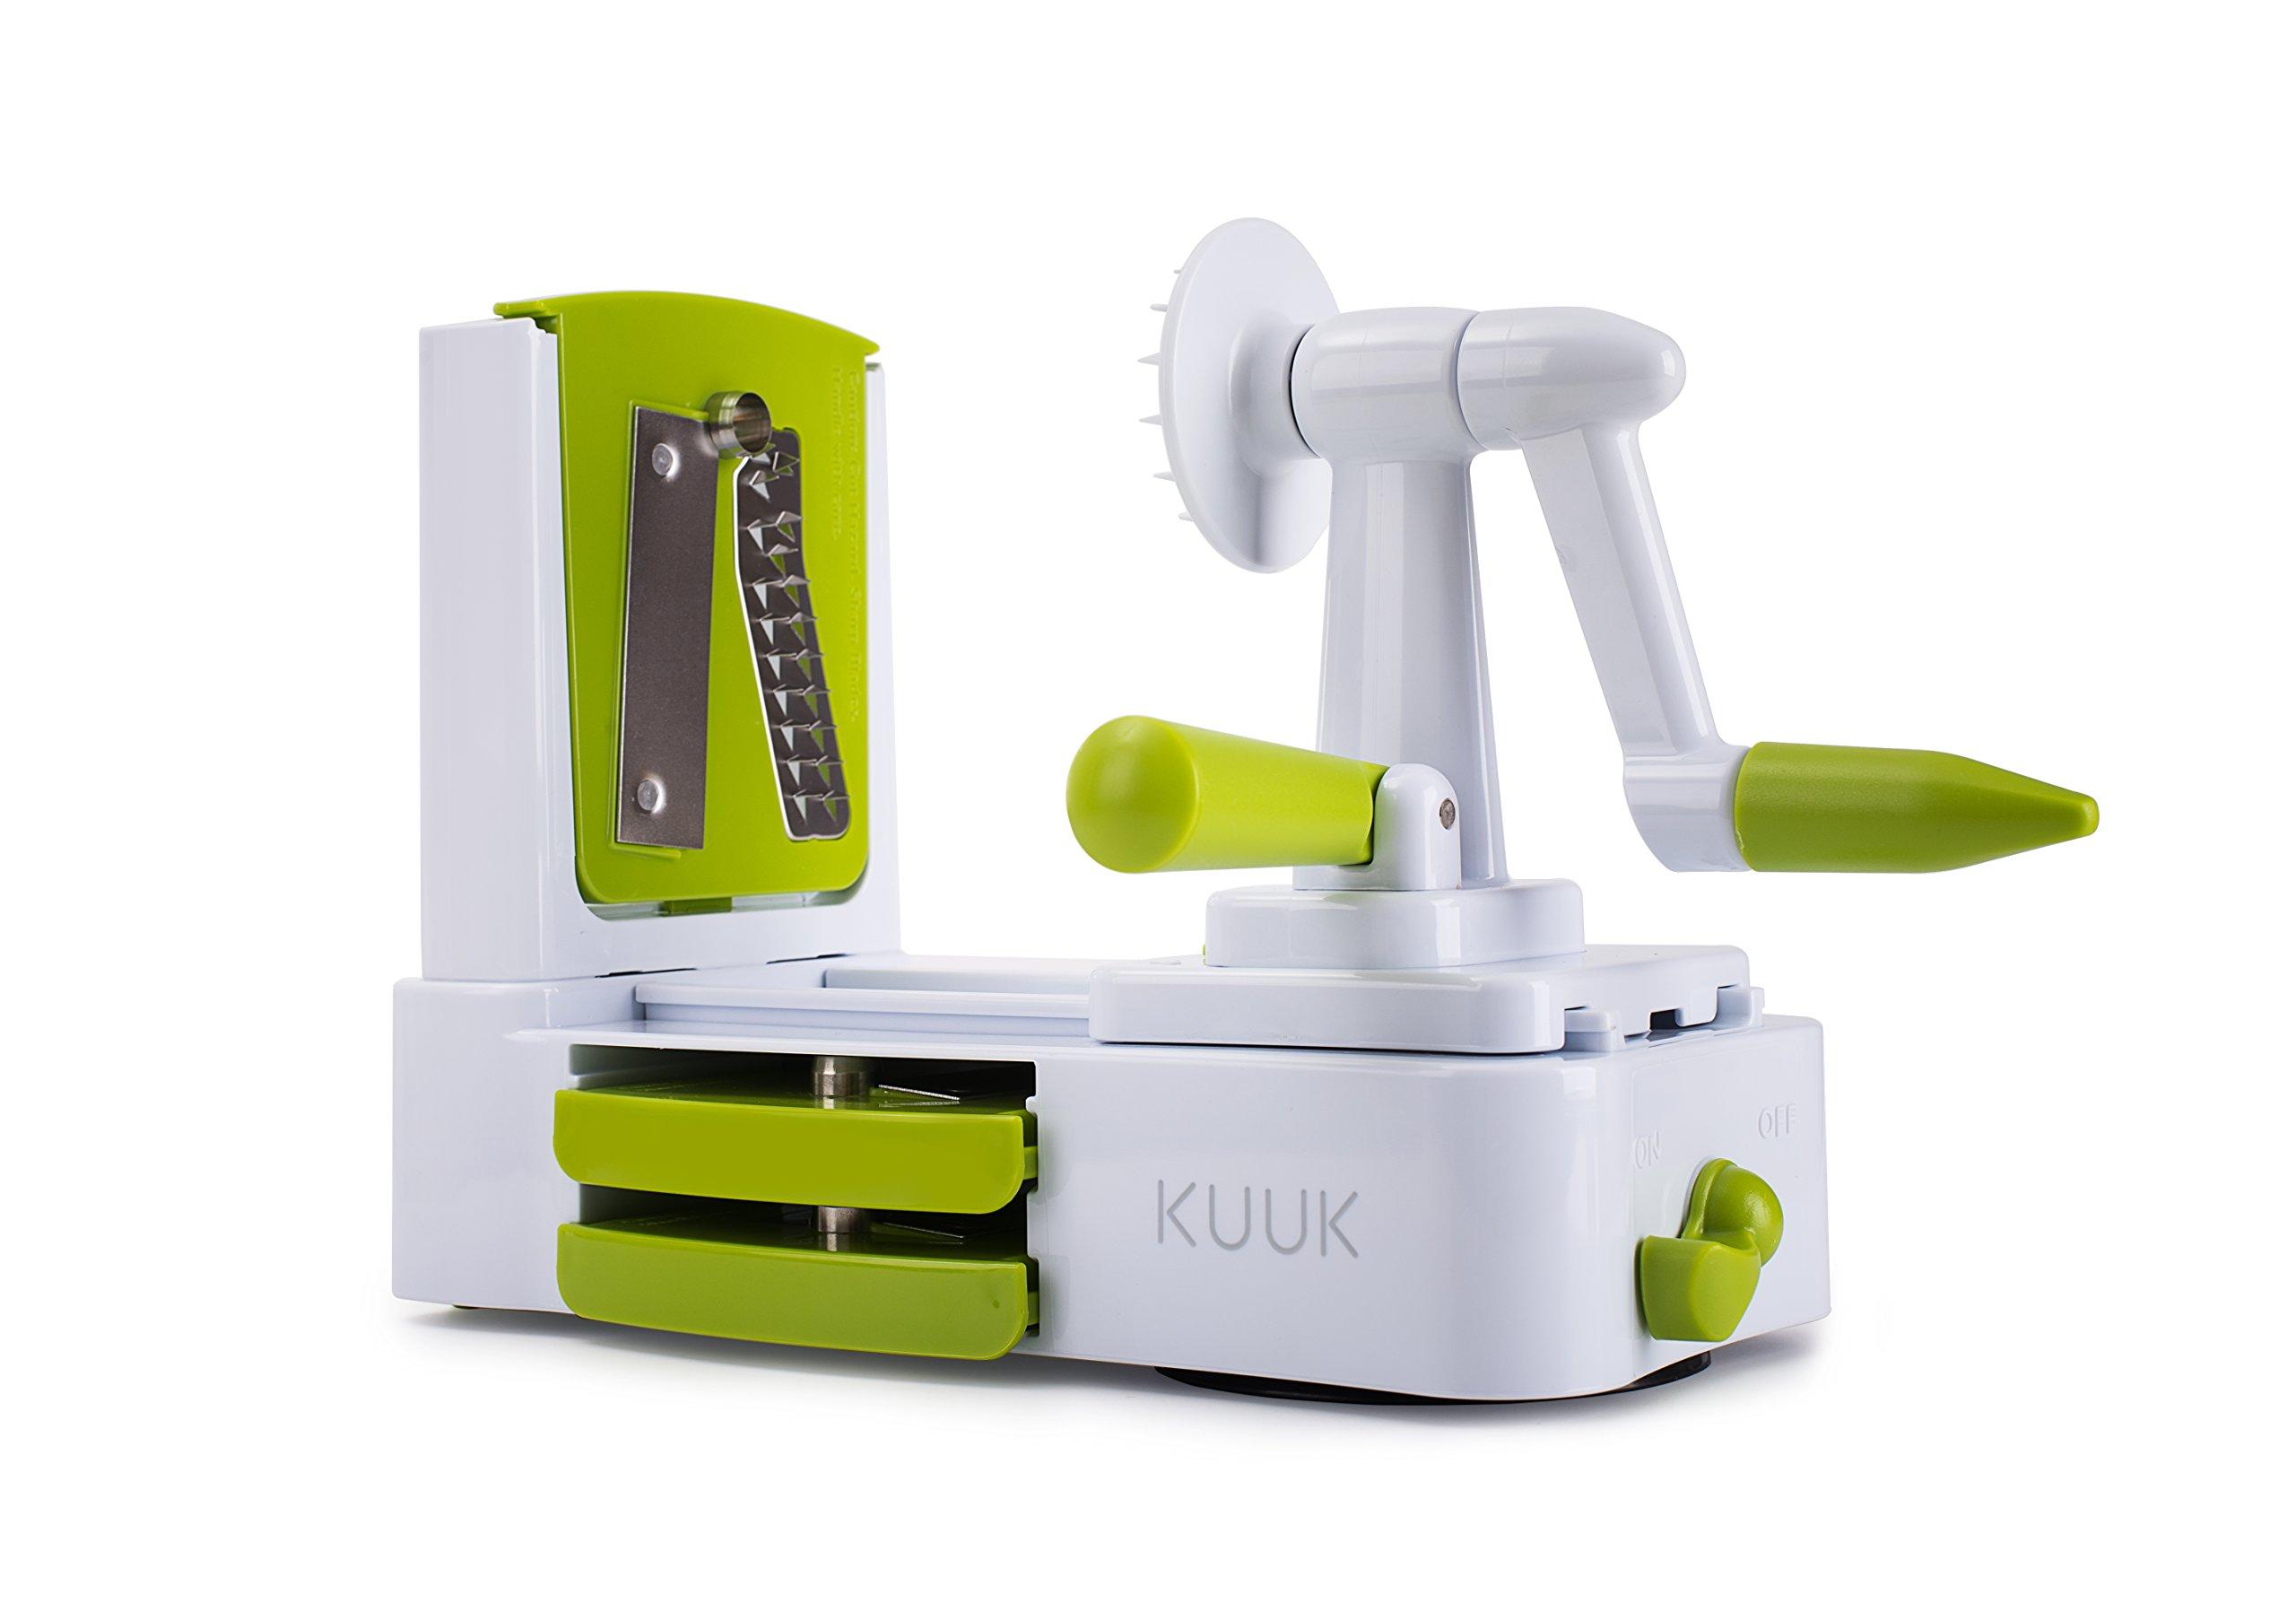 KUUK Cortador de Verduras en Espiral, 2ª generación product image